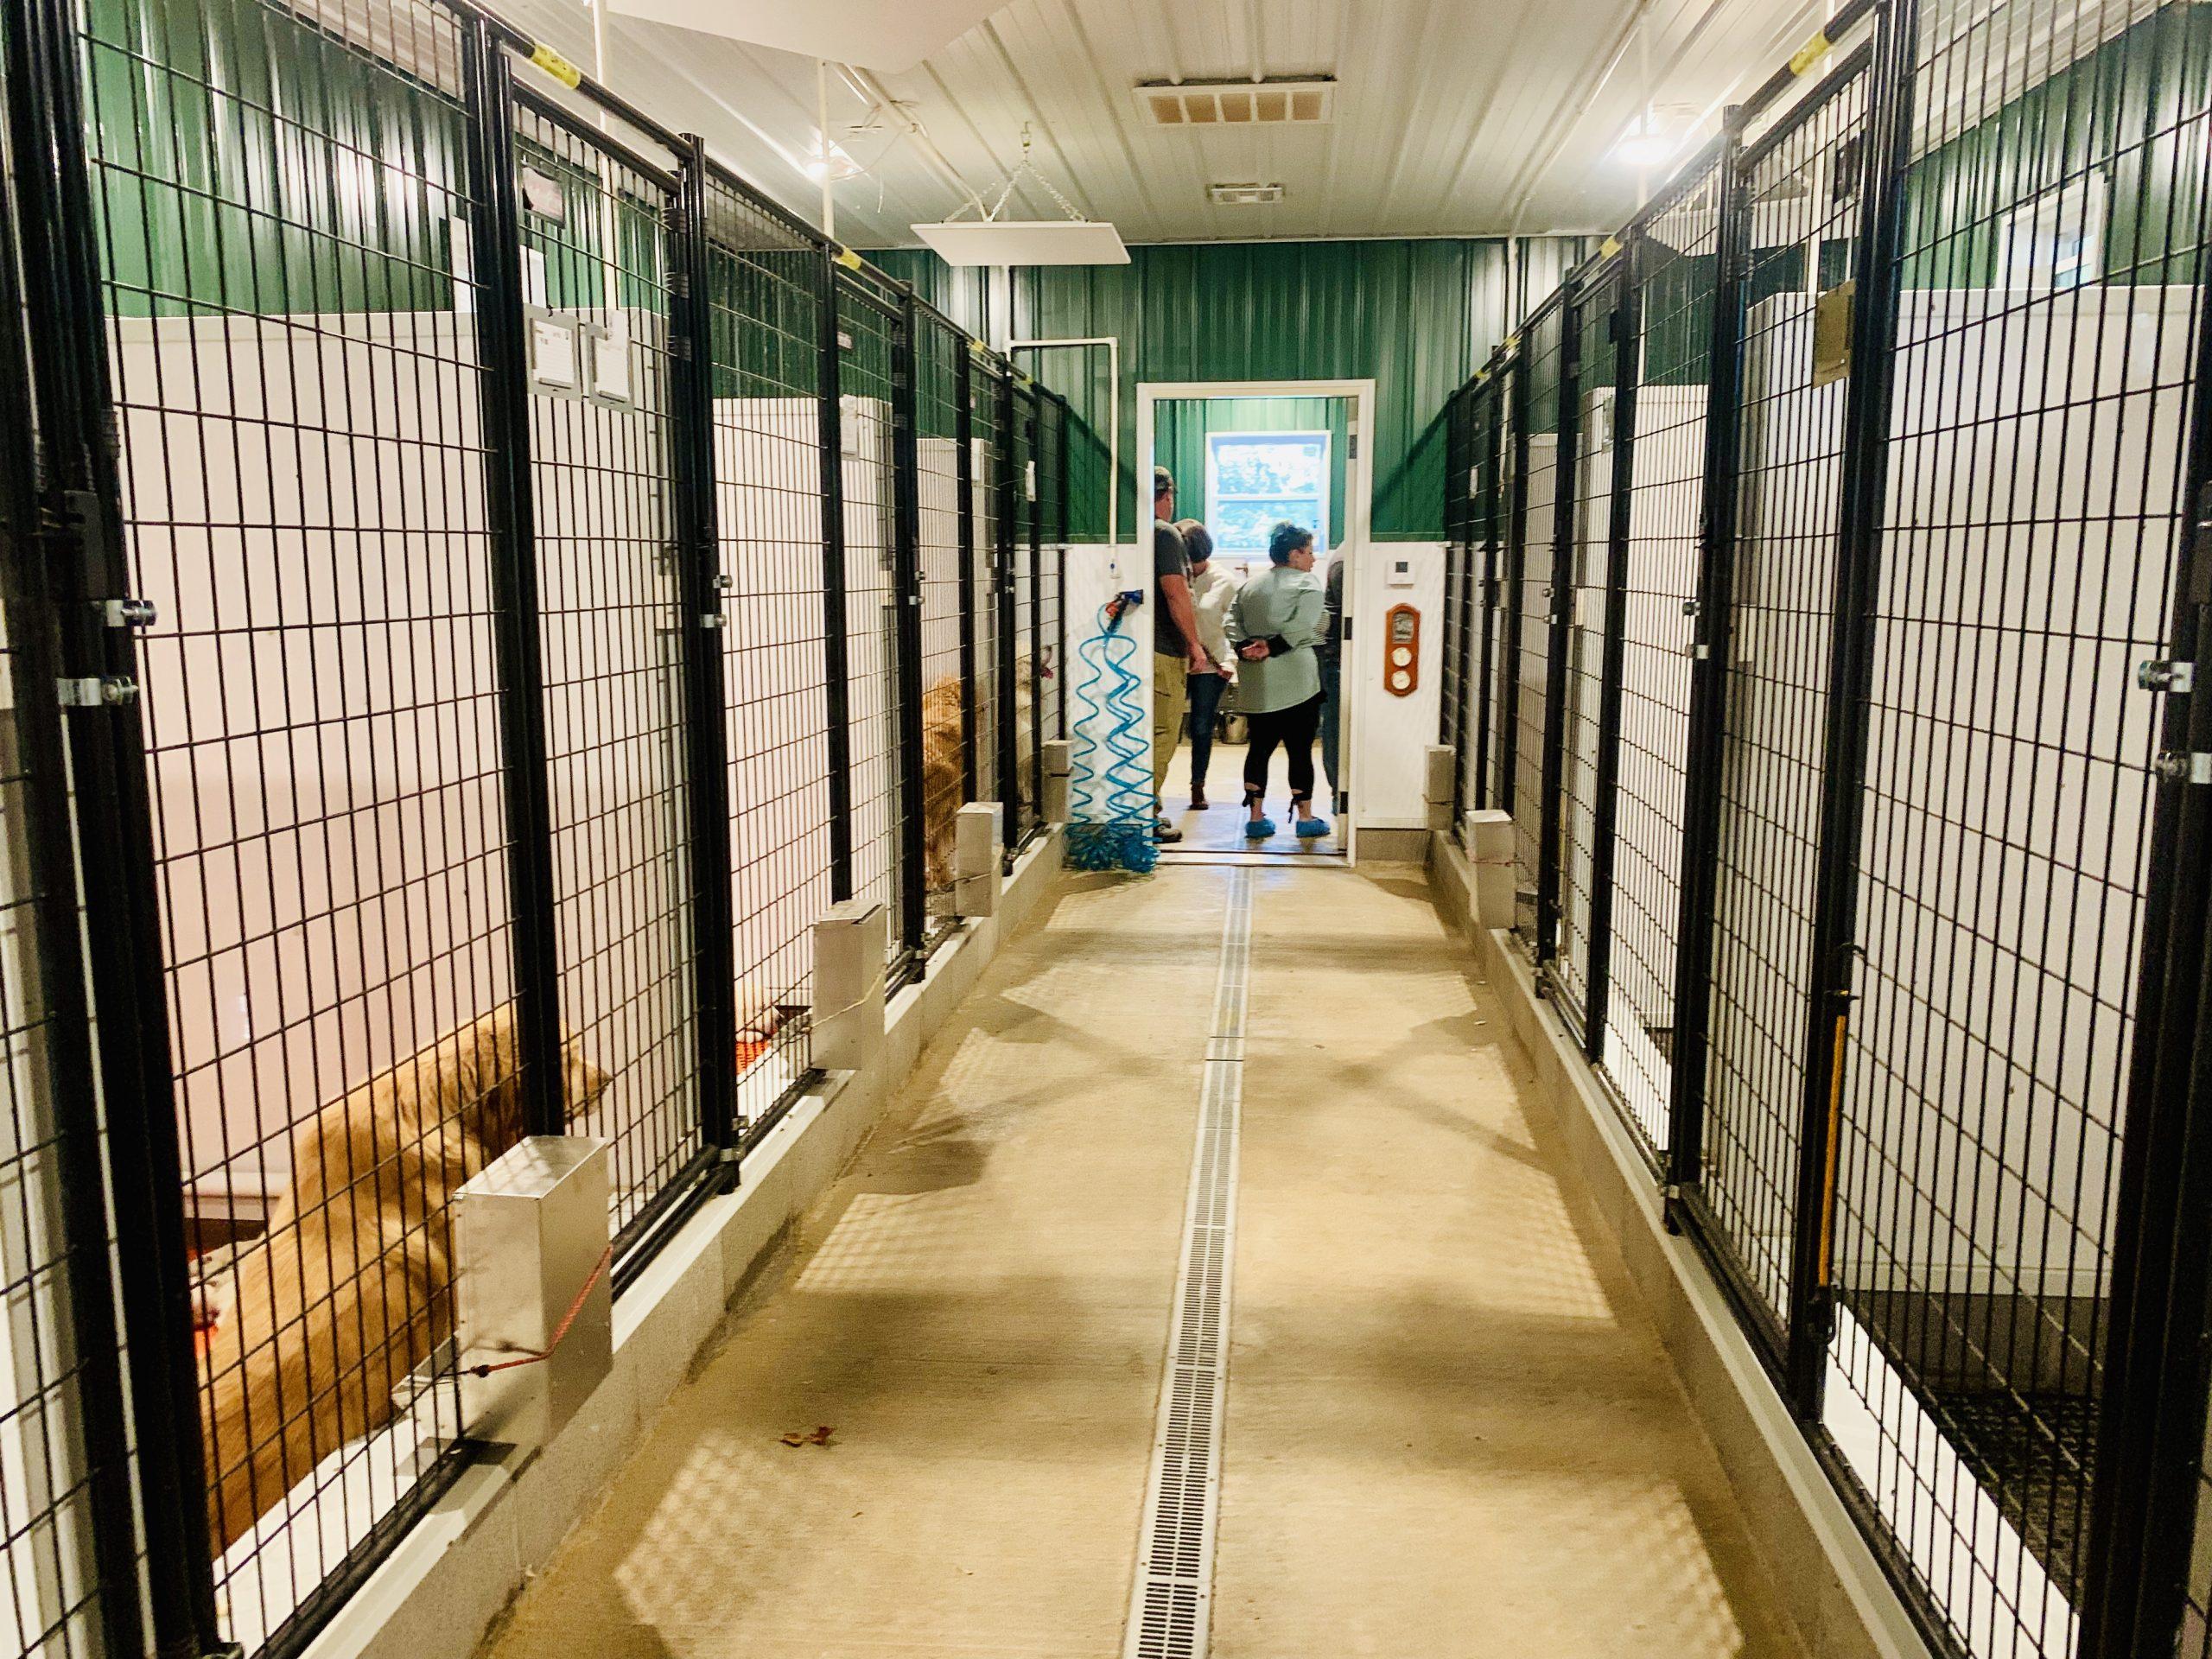 Inside of kennel